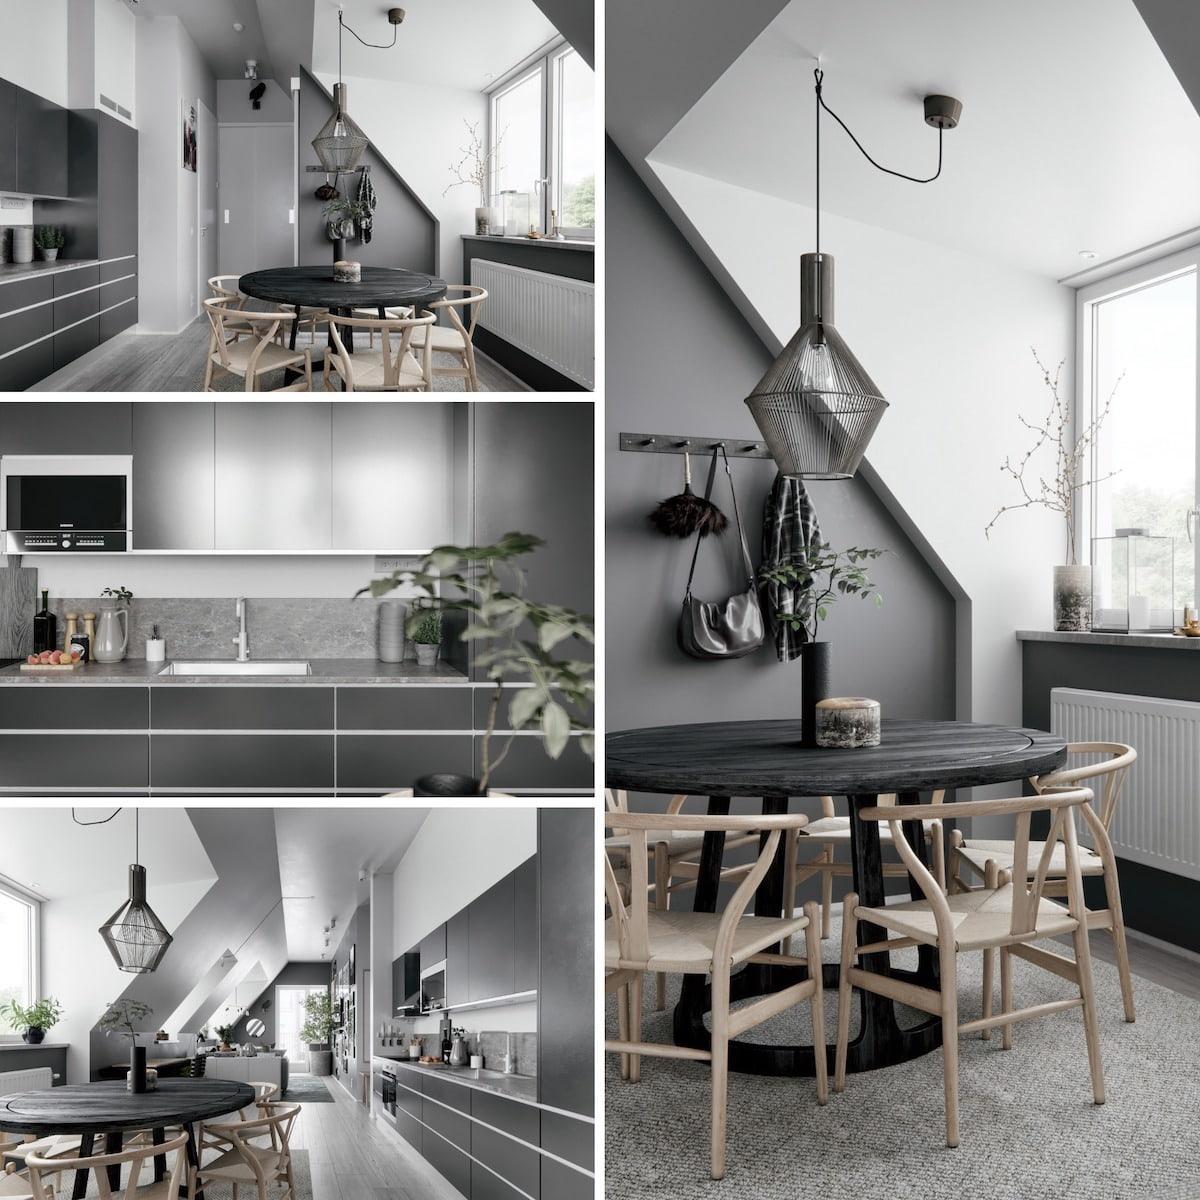 серый цвет в интерьере кухни фото 1